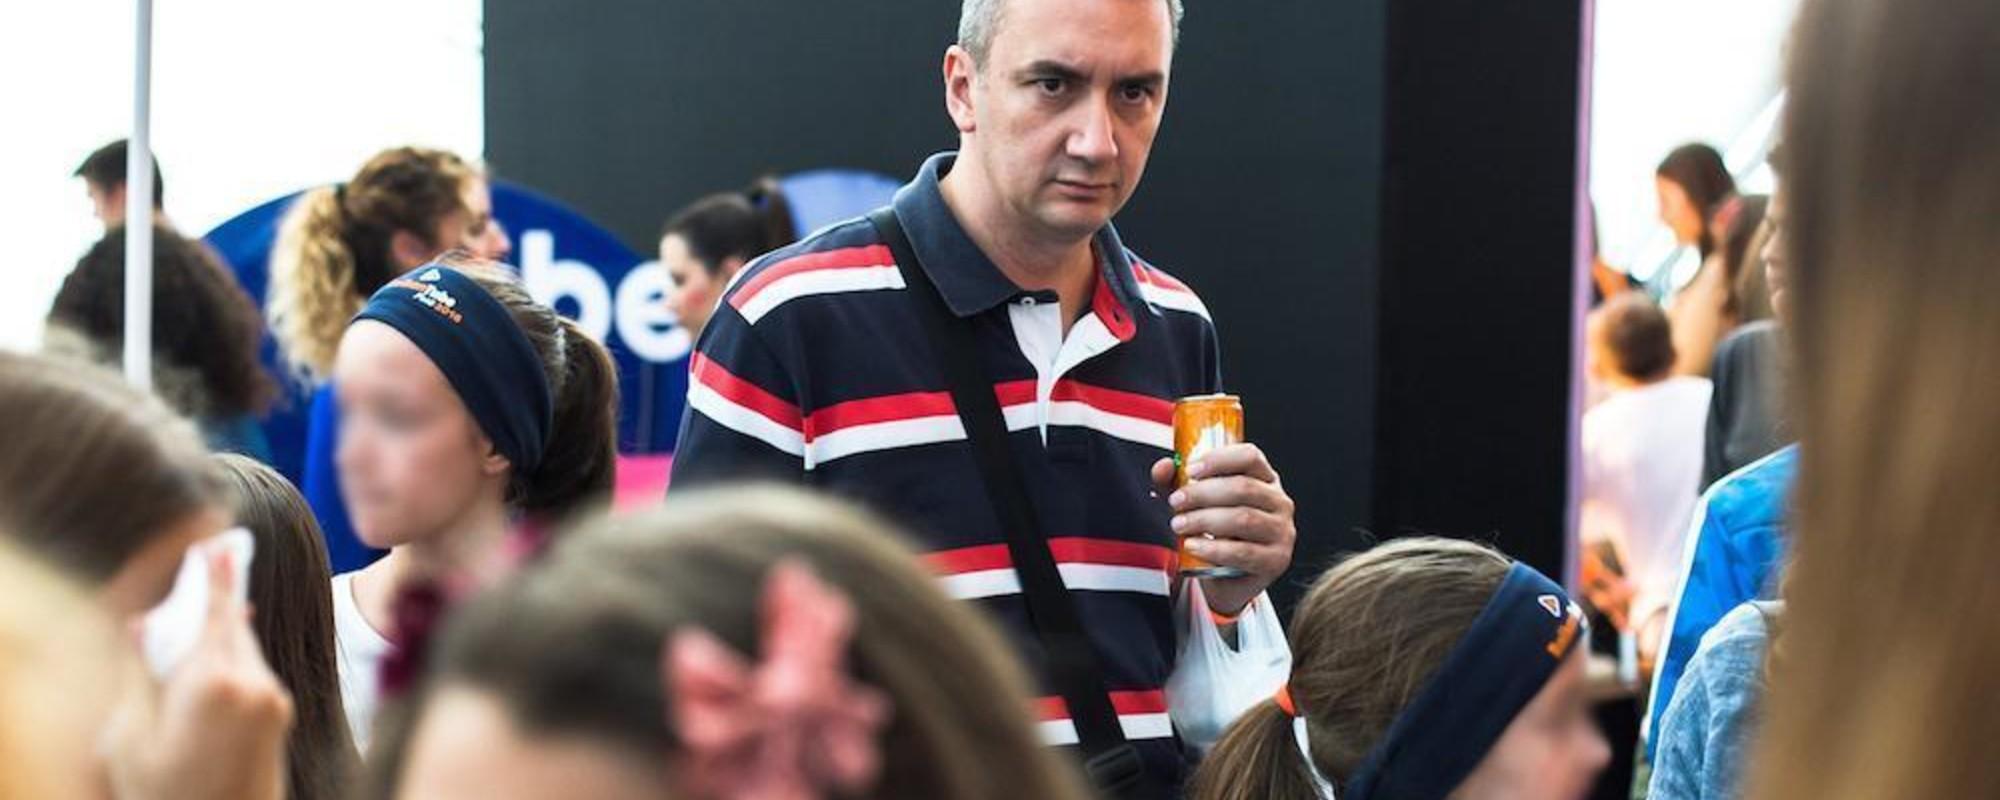 Fotos de padres aburridos en una convención de YouTubers